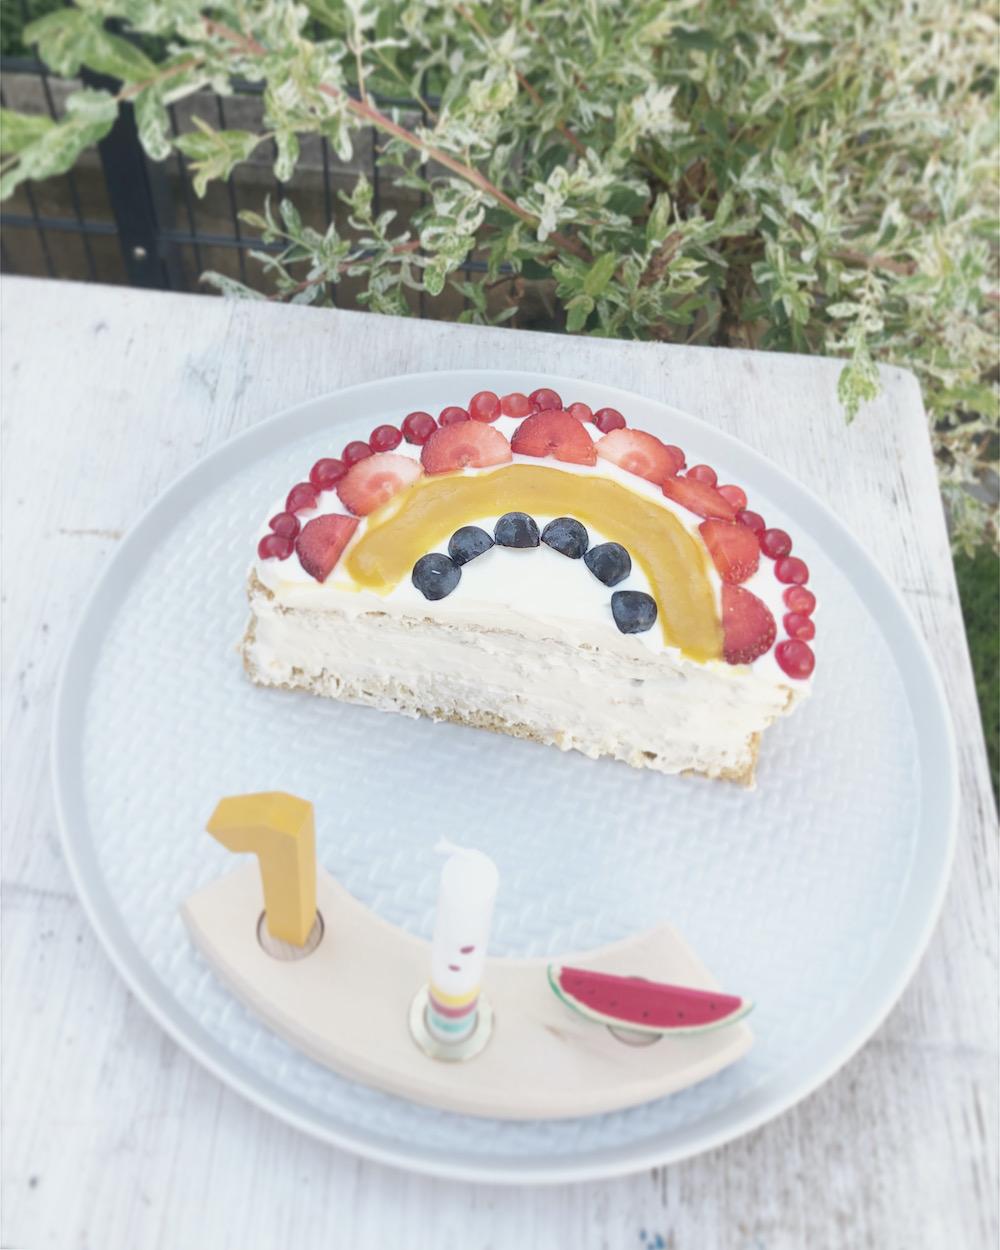 Zuckerfreier Kuchen zum ersten Geburtstag im Regenbogen Style